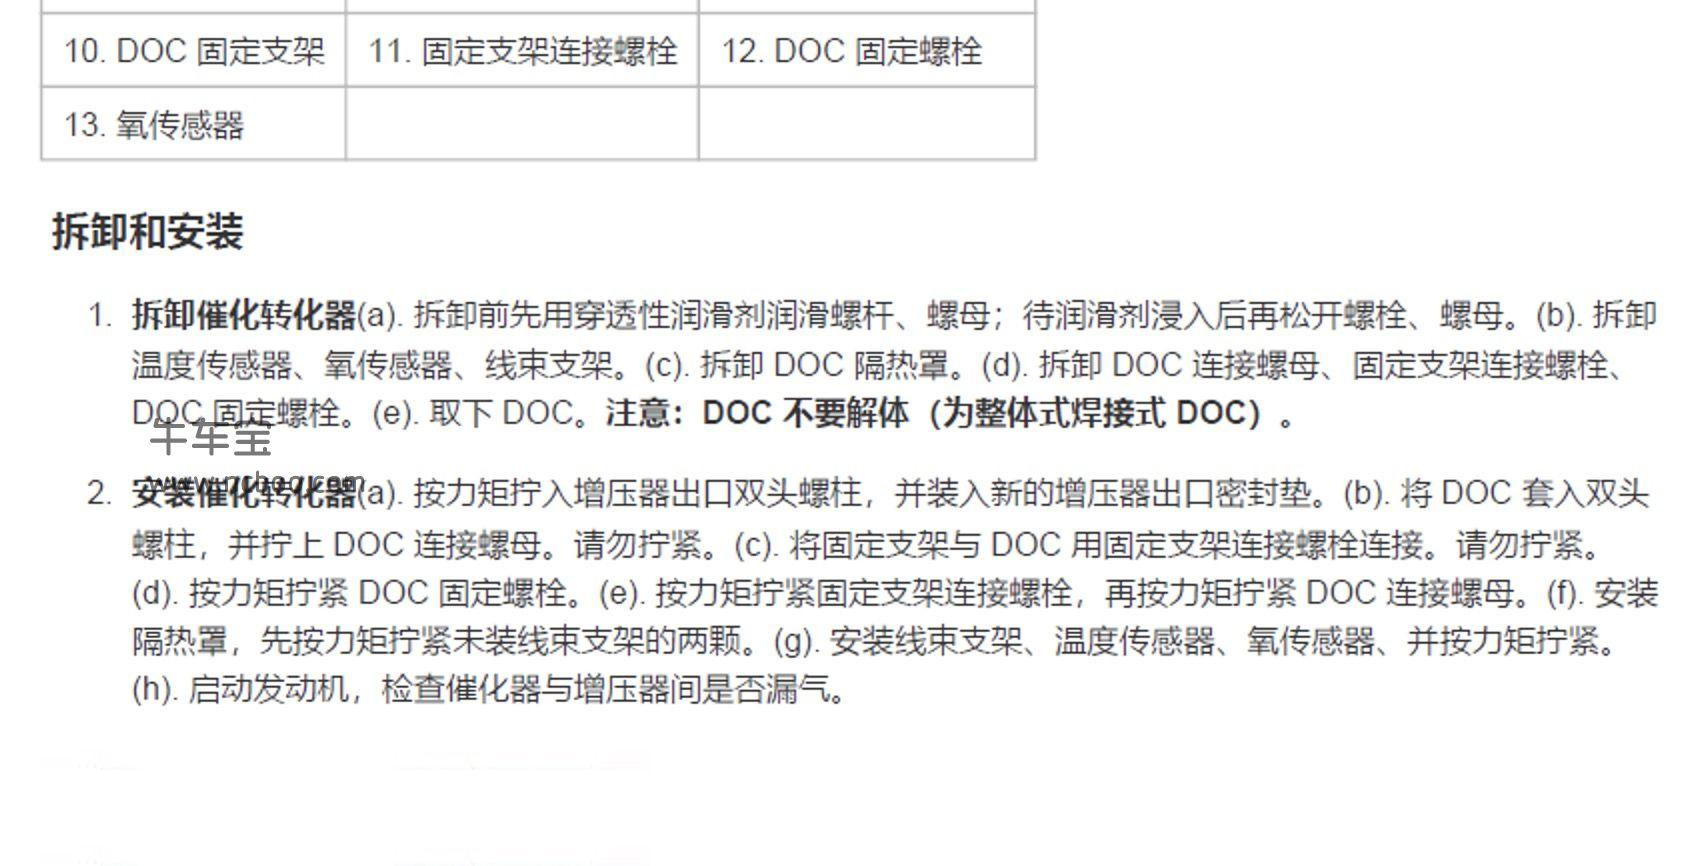 2017-2019款郑州日产东风锐骐皮卡原厂维修手册含电路图下载